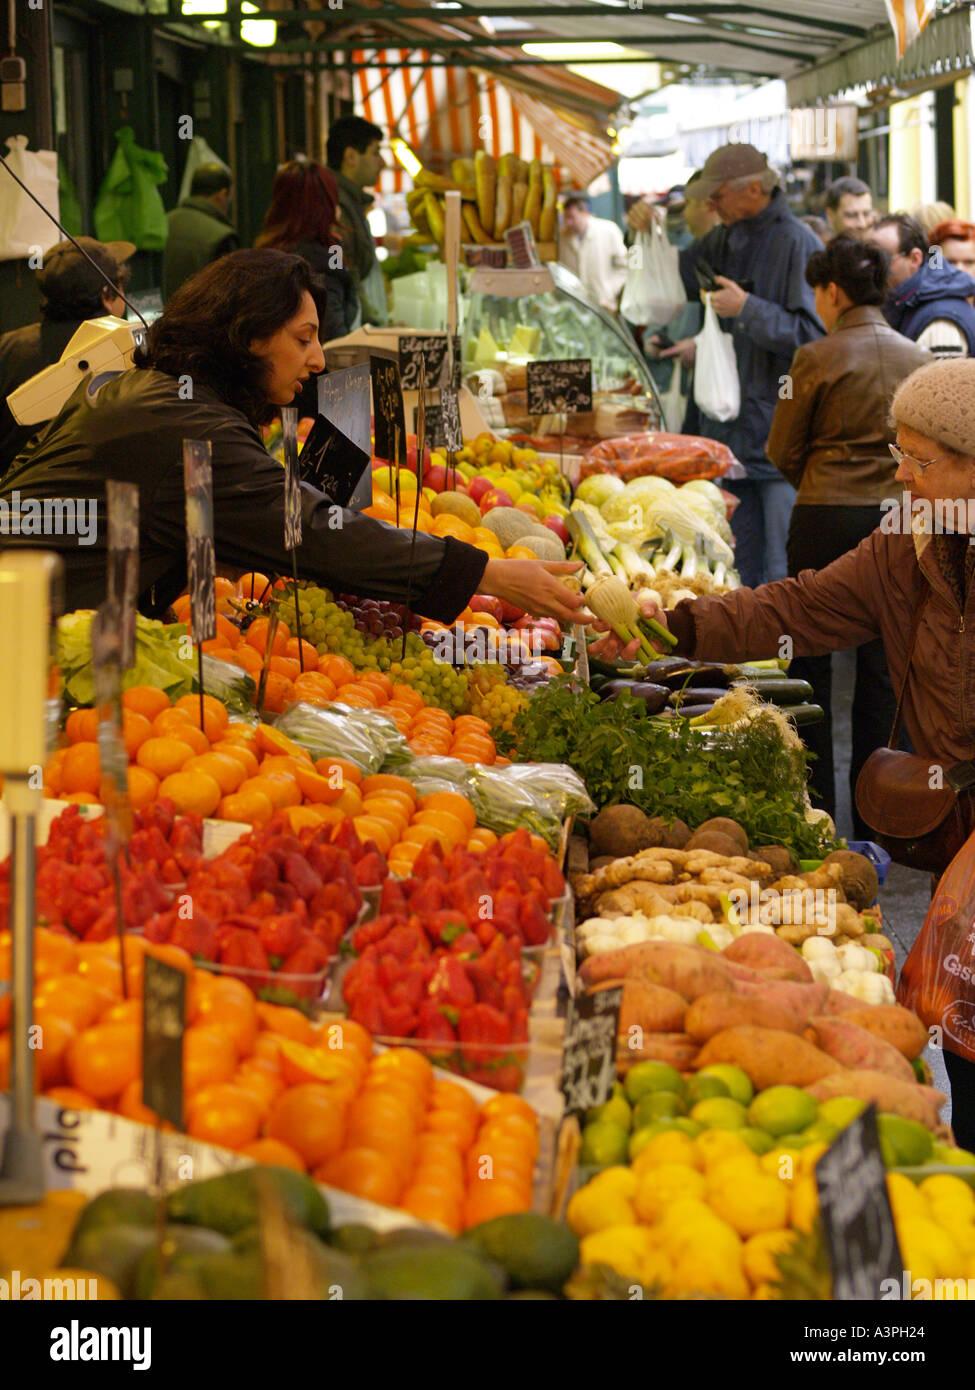 Naschmarkt Obst und Gemüsestand market woman waits on a customer - Stock Image